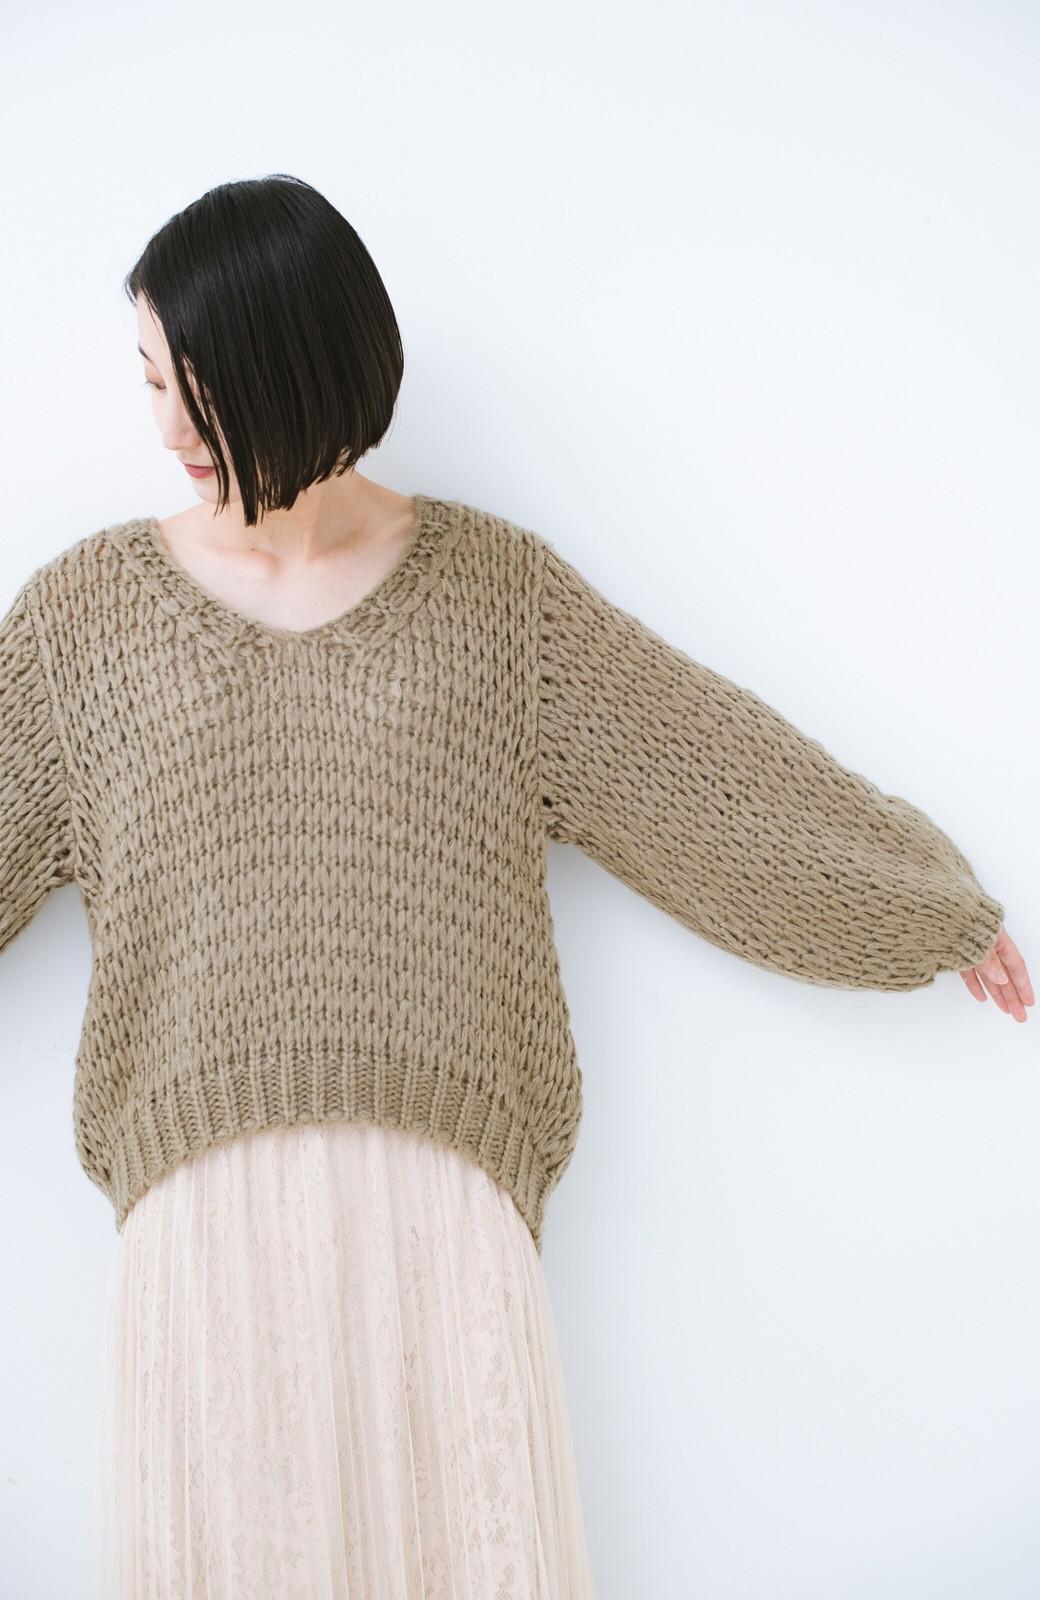 haco! 手編み風のざっくり感で女っぽい Vネックの甘編みルーズニット <グレイッシュベージュ>の商品写真10